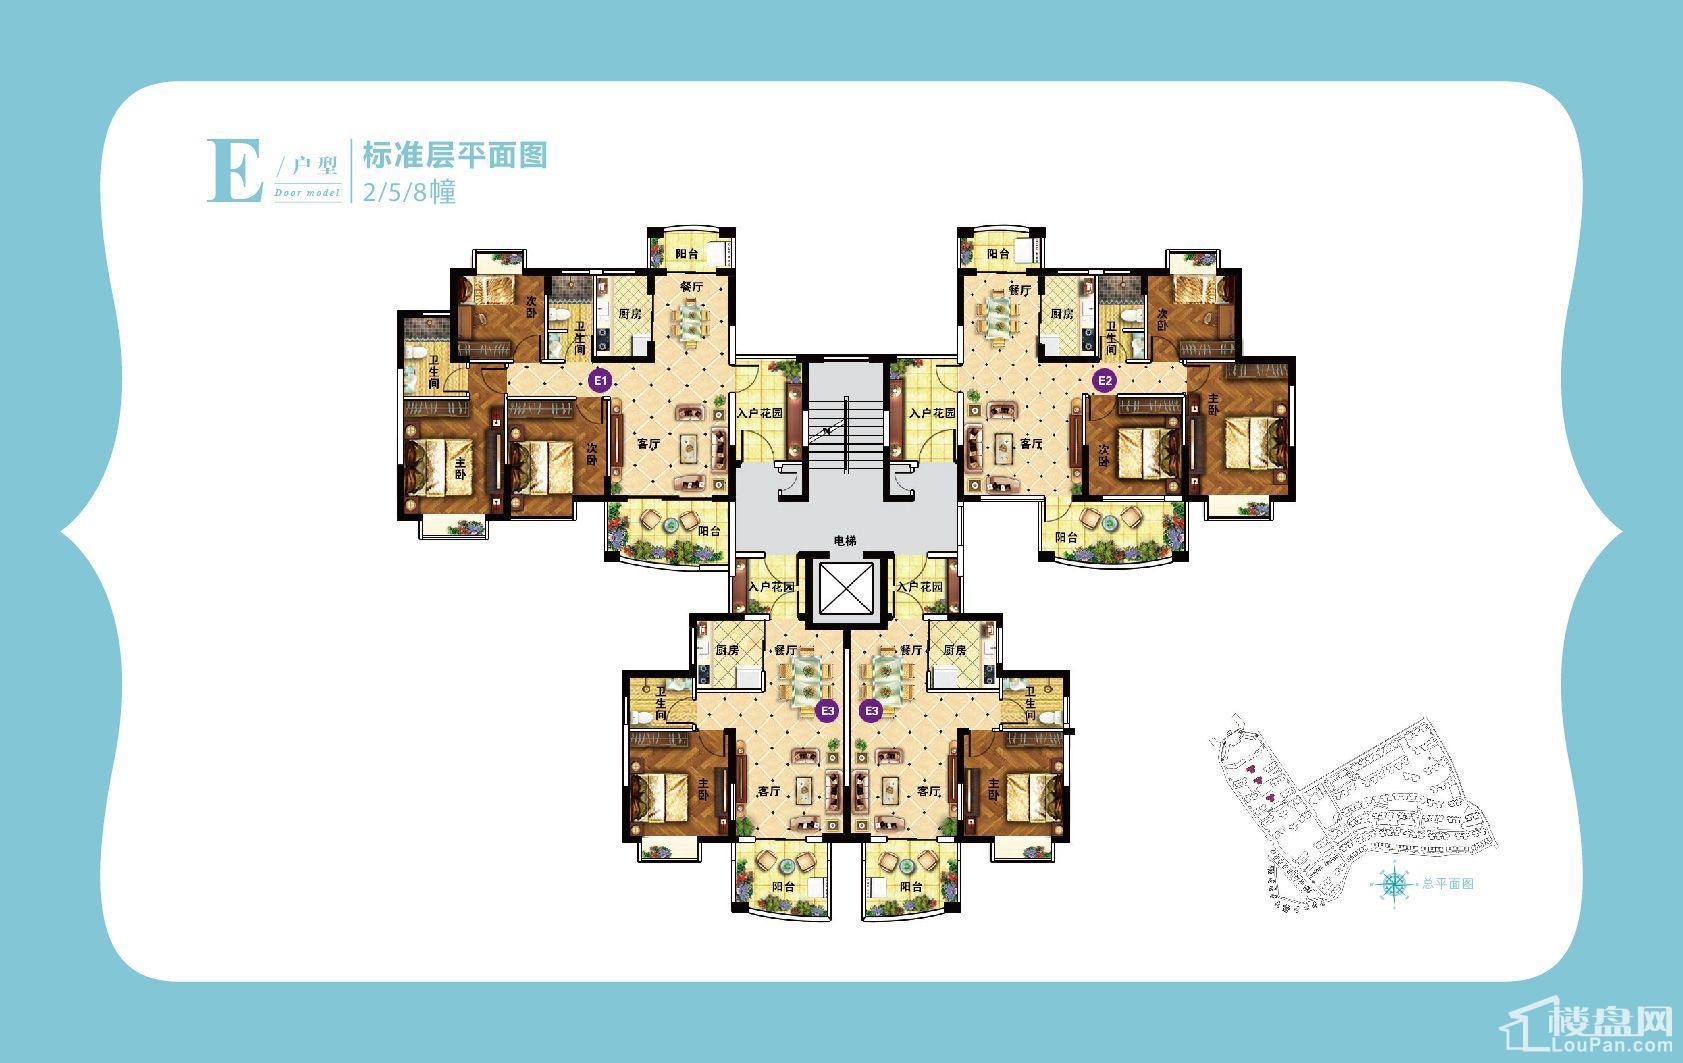 香格里温泉小镇户型图